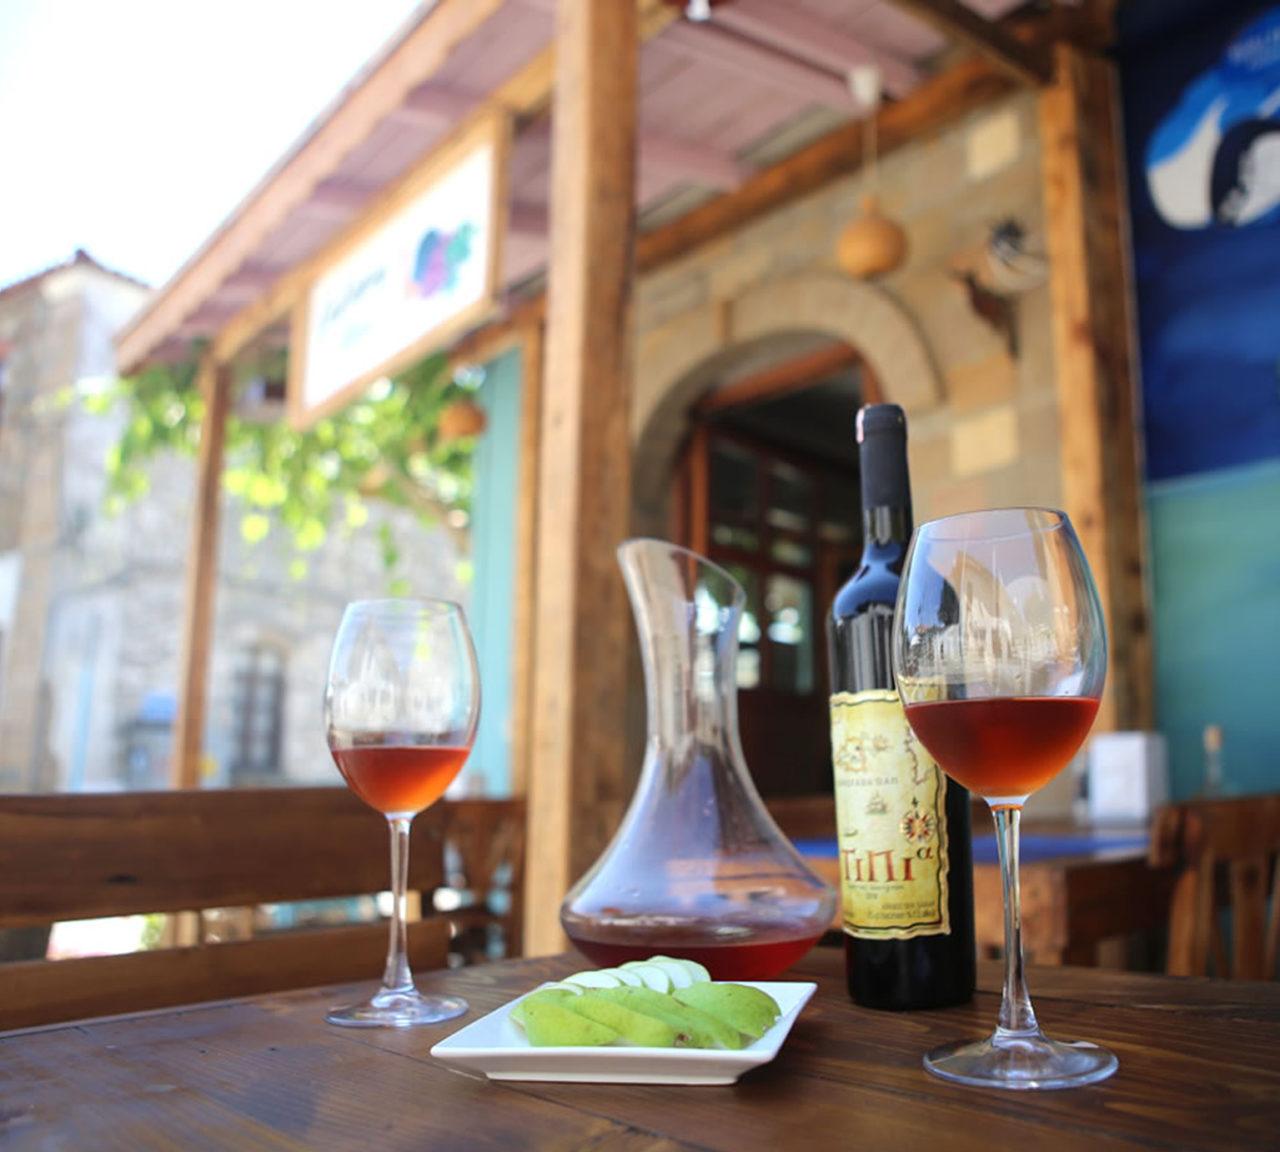 Çanakkale'de balık ve zeytinyağlı ot yemekleri yaygın. Bozcaada ve Gökçeada'da ise geleneksel şarap kültürü var.